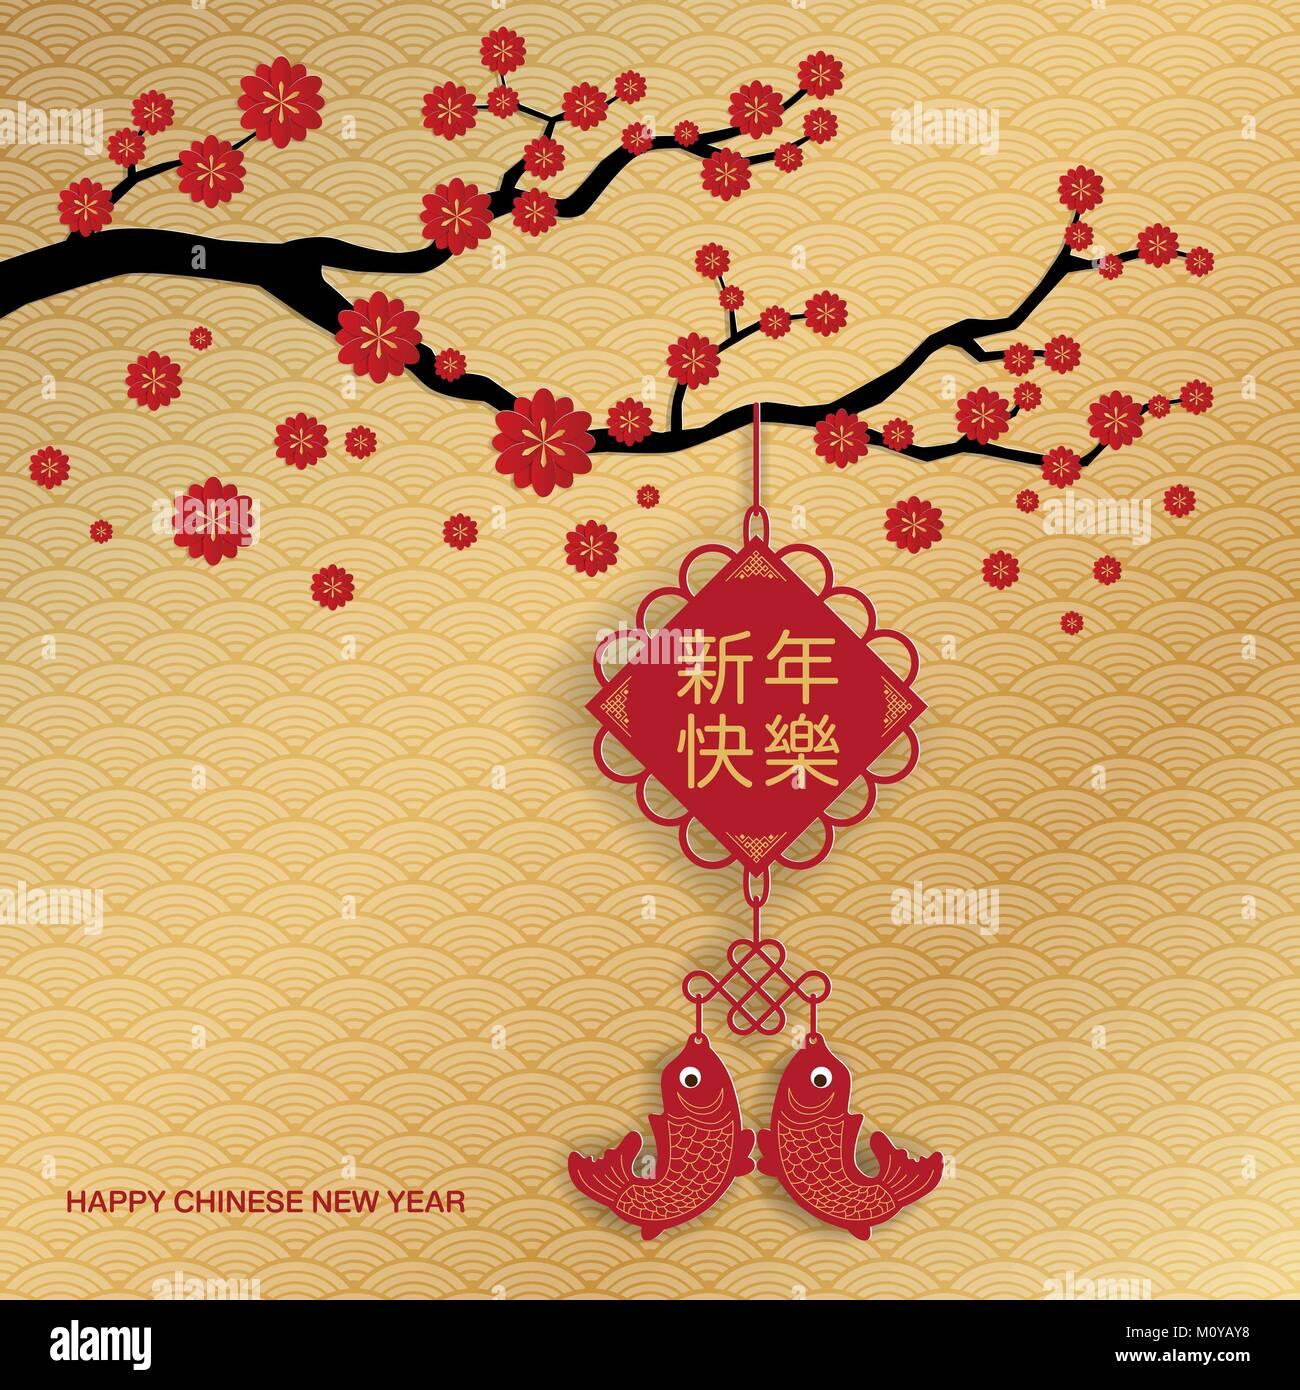 Chinese New Year Wishing Tree Stockfotos & Chinese New Year Wishing ...